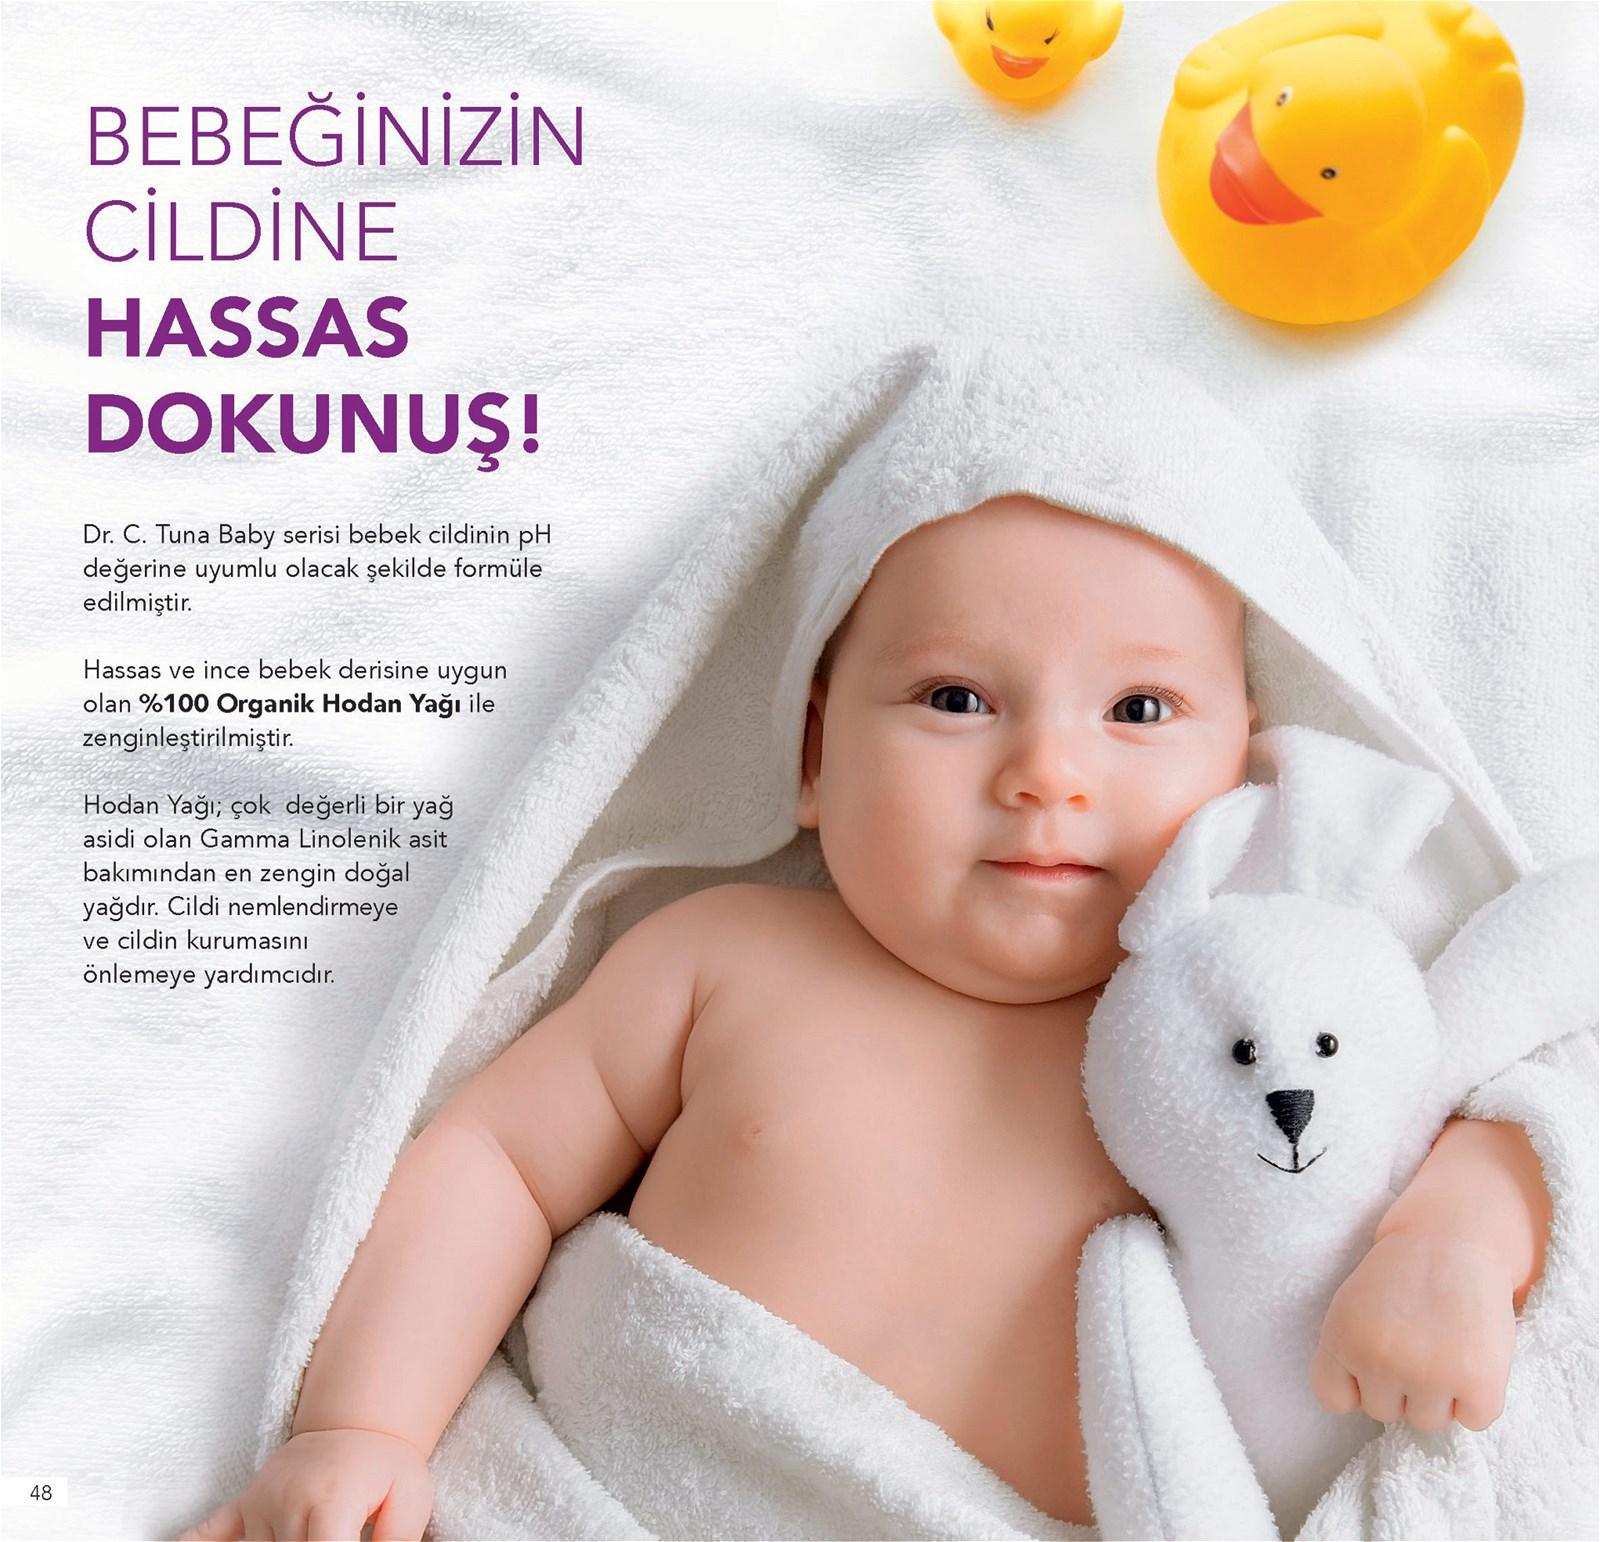 01.10.2021 Farmasi broşürü 47. sayfa